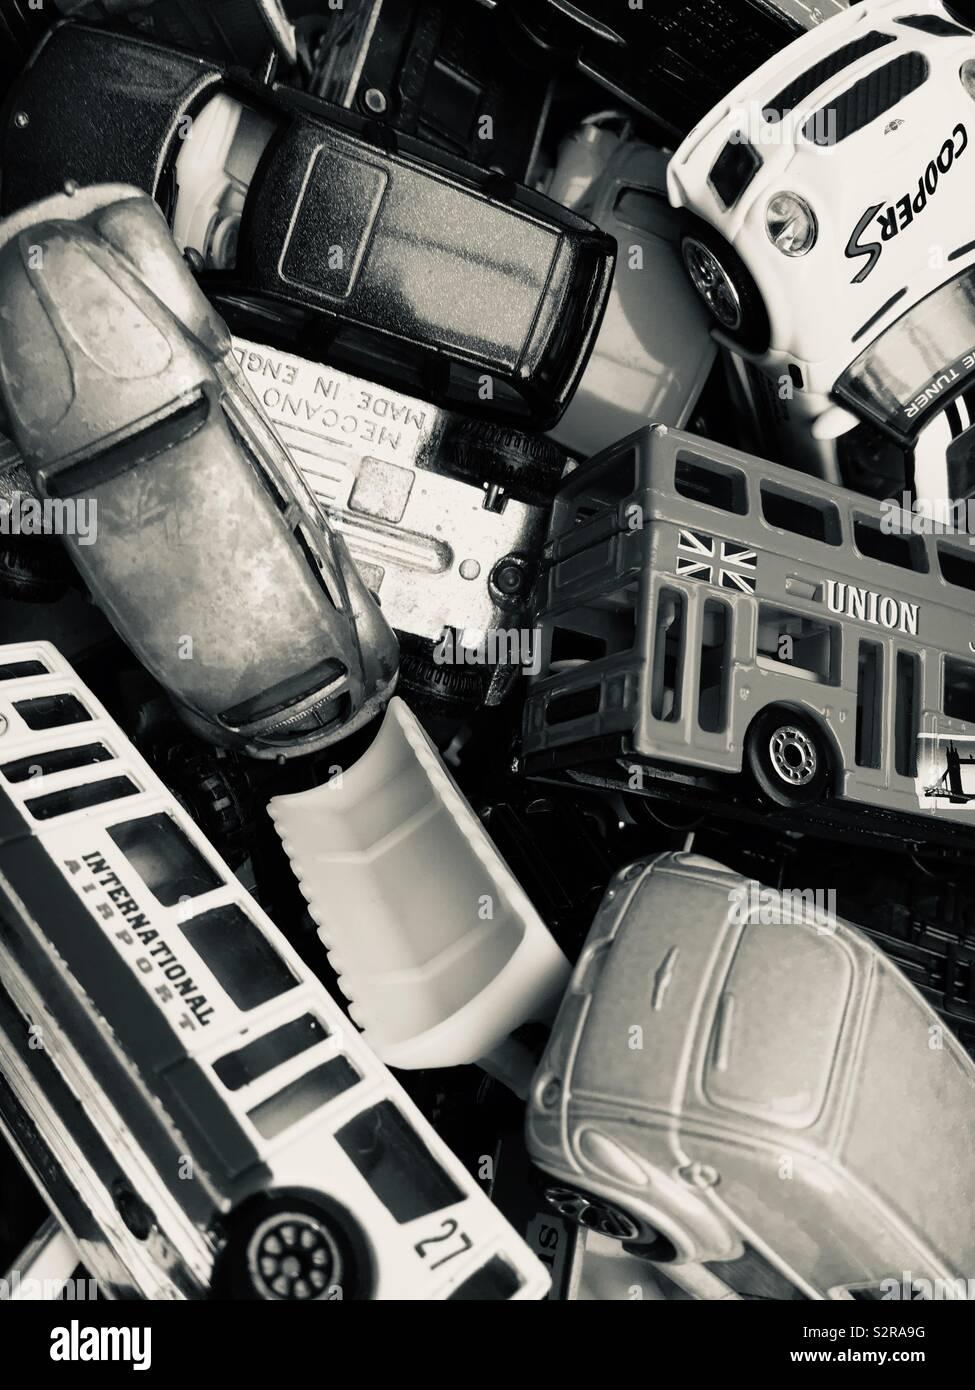 Caja llena de juguetes coches de metal fundido Foto de stock